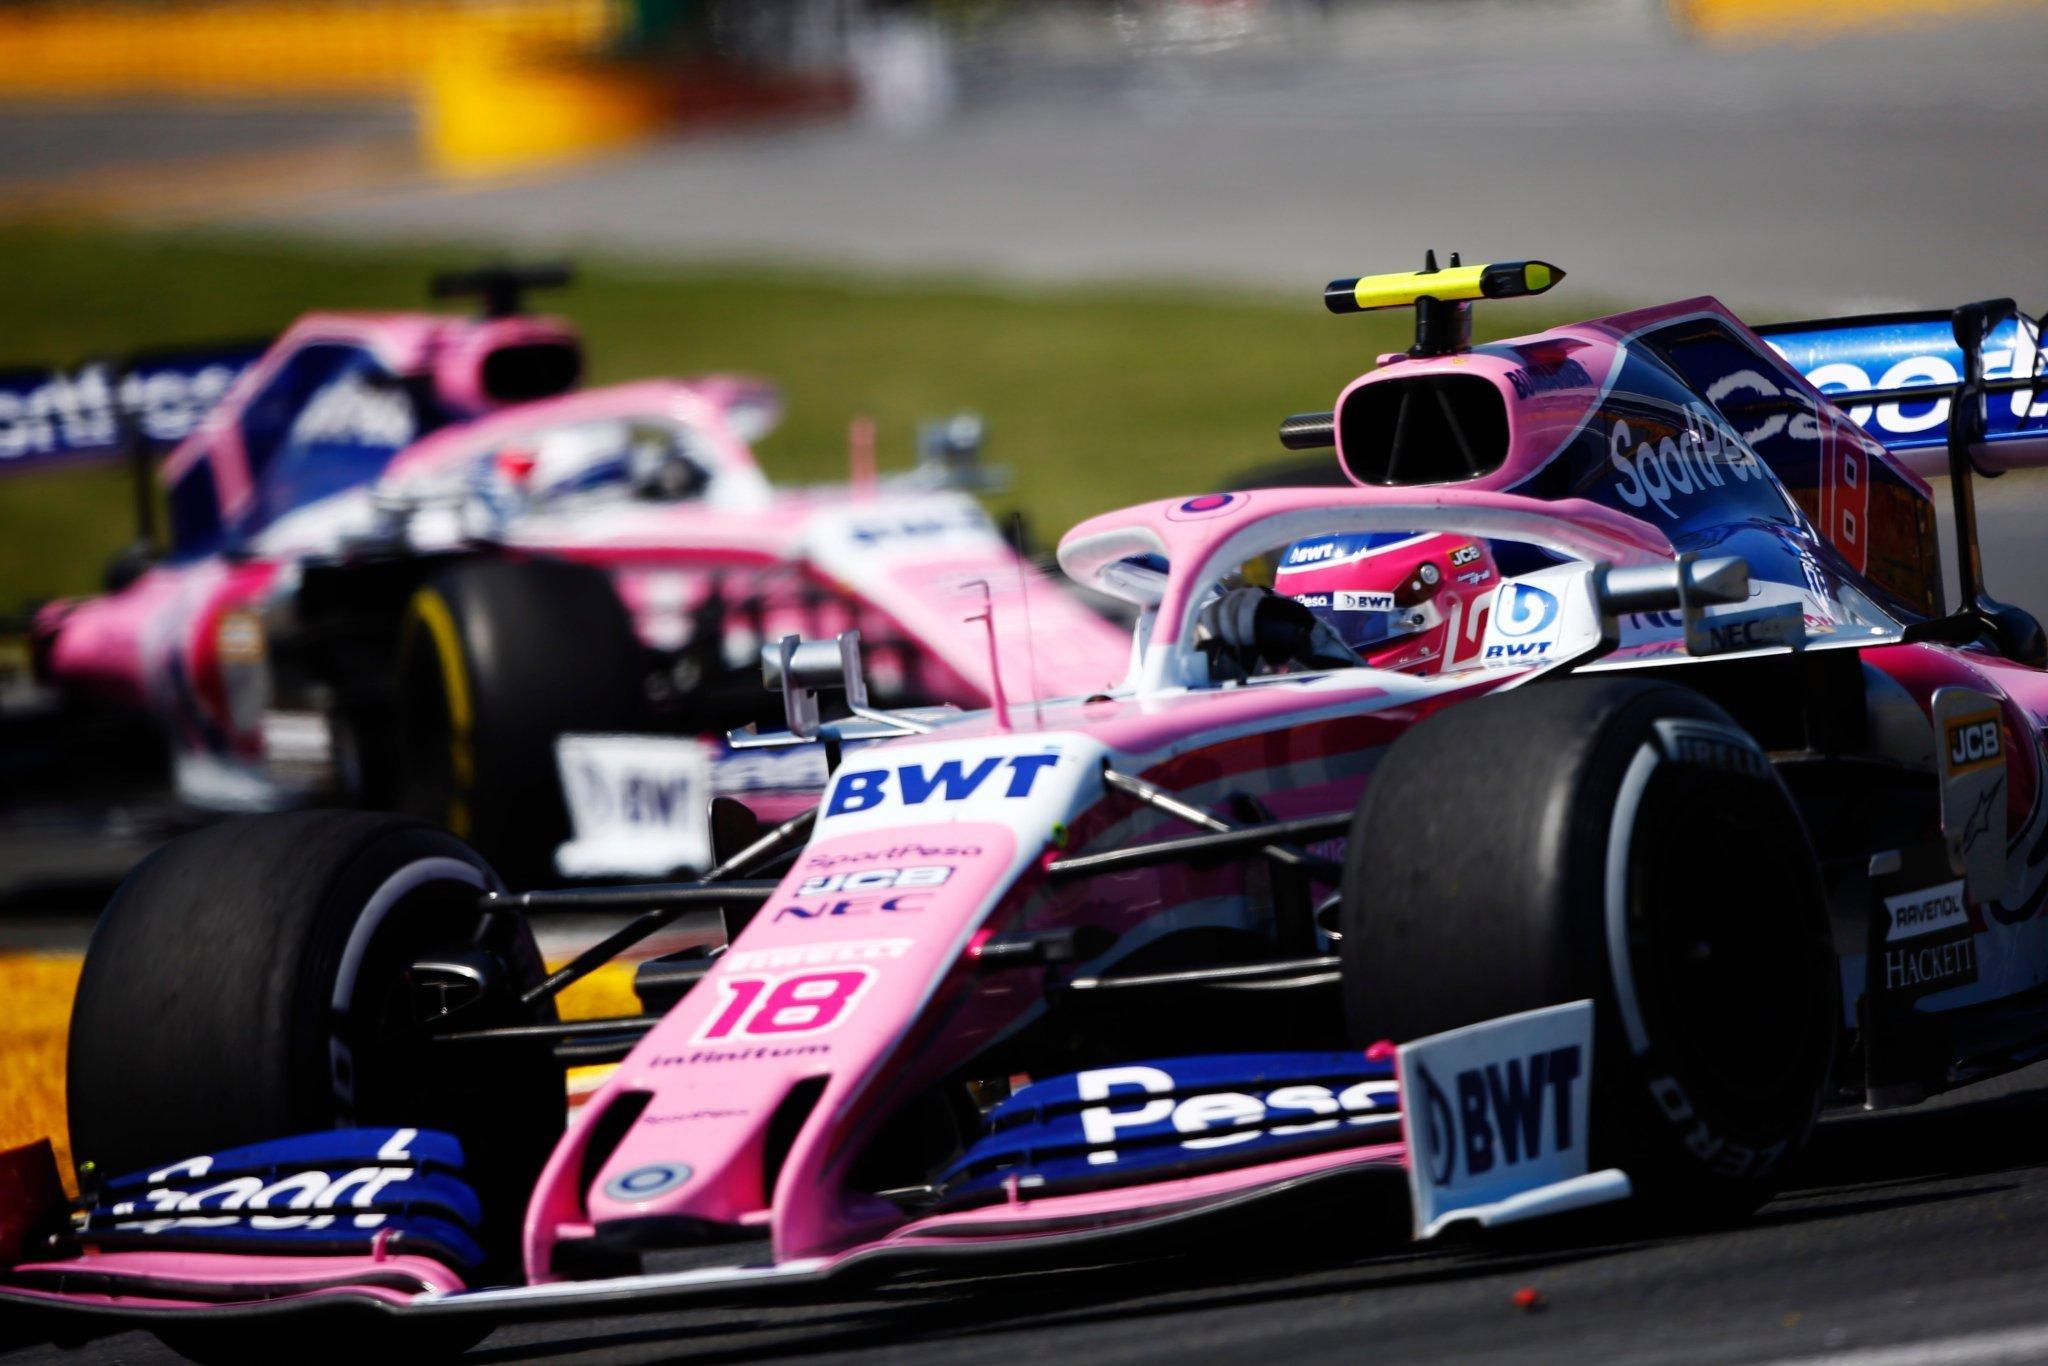 La dupla Stroll-Pérez continuará en 2021 sin cambios